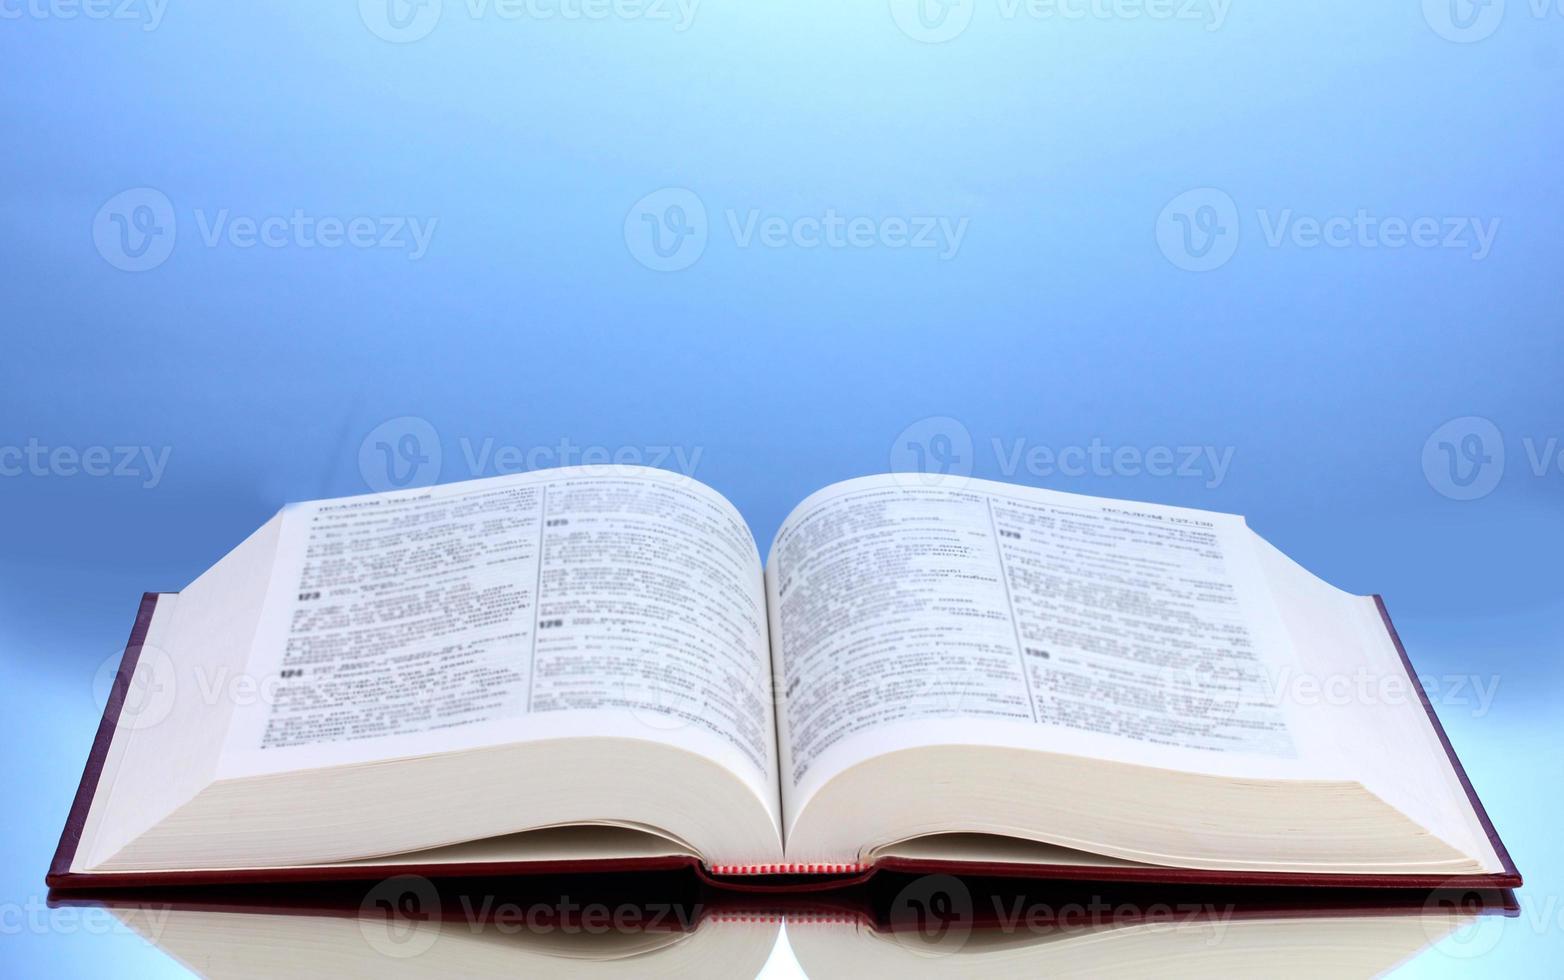 offenes Buch auf reflektierender Oberfläche des Tisches auf blauem Hintergrund foto